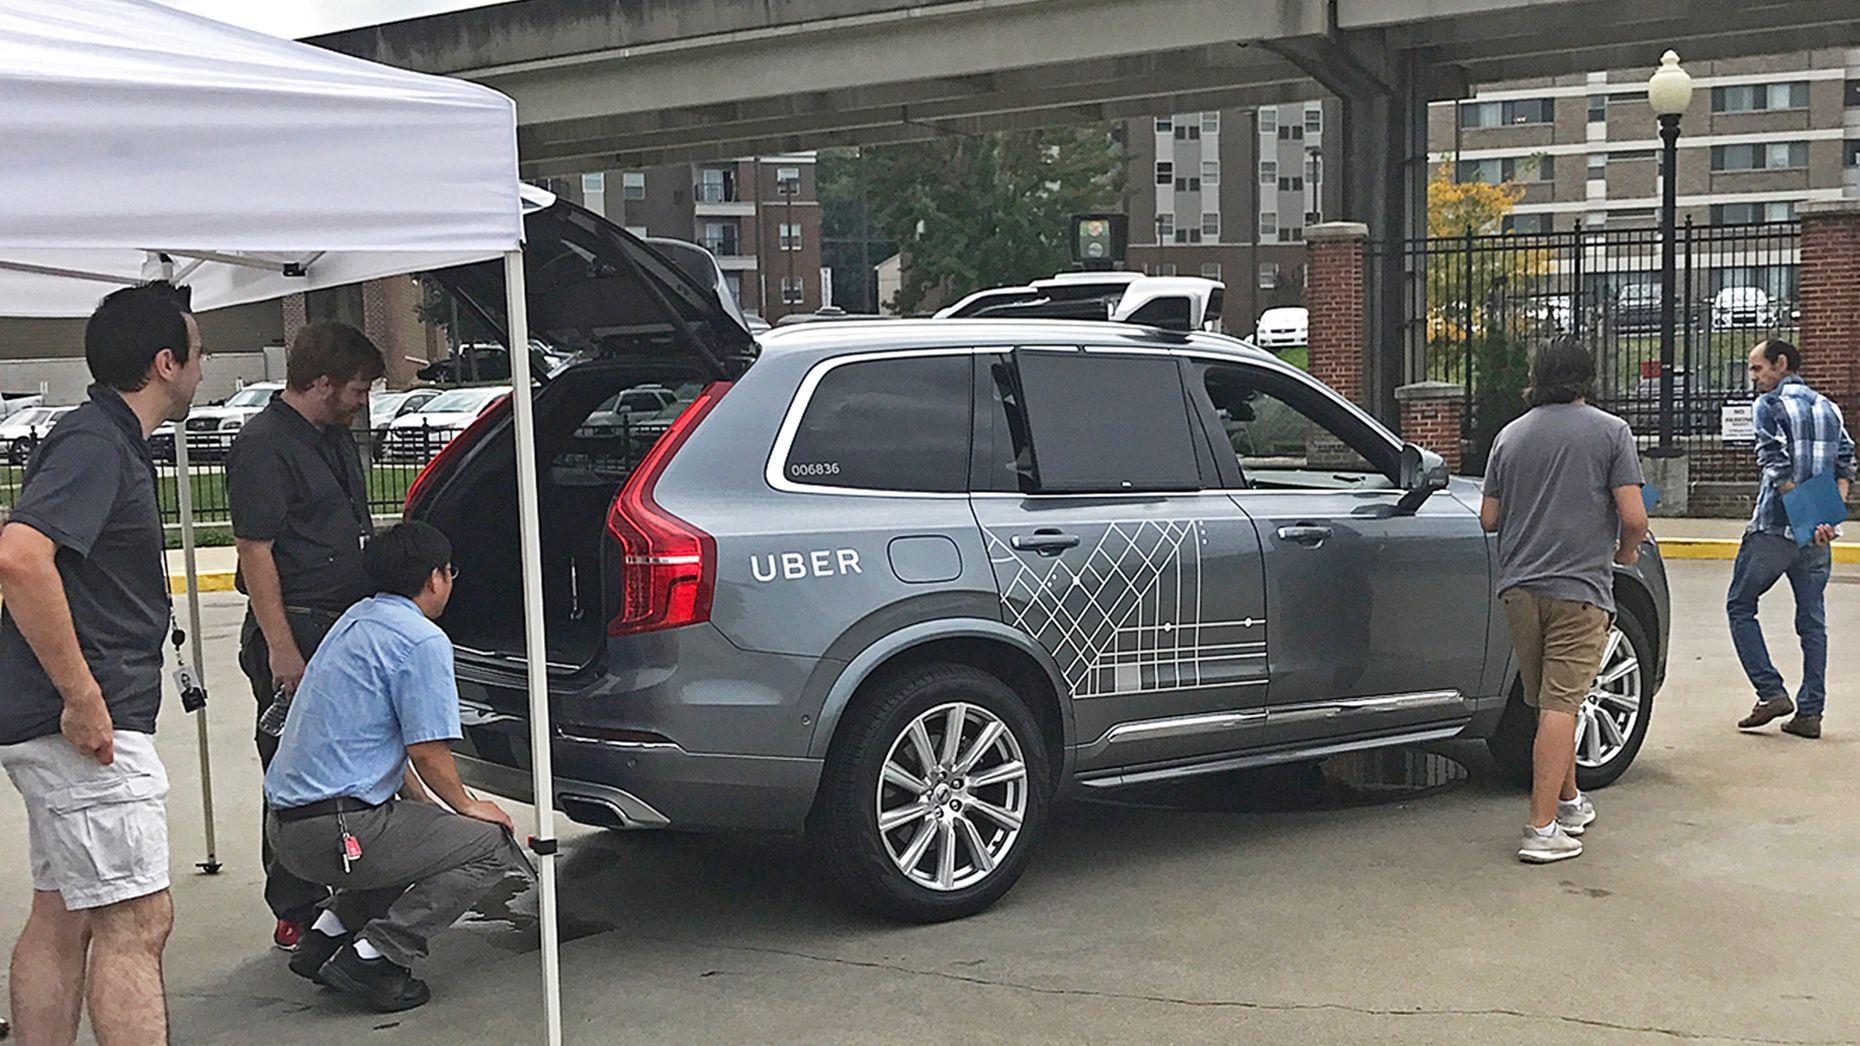 An Uber autonomous vehicle. Photo by AP.